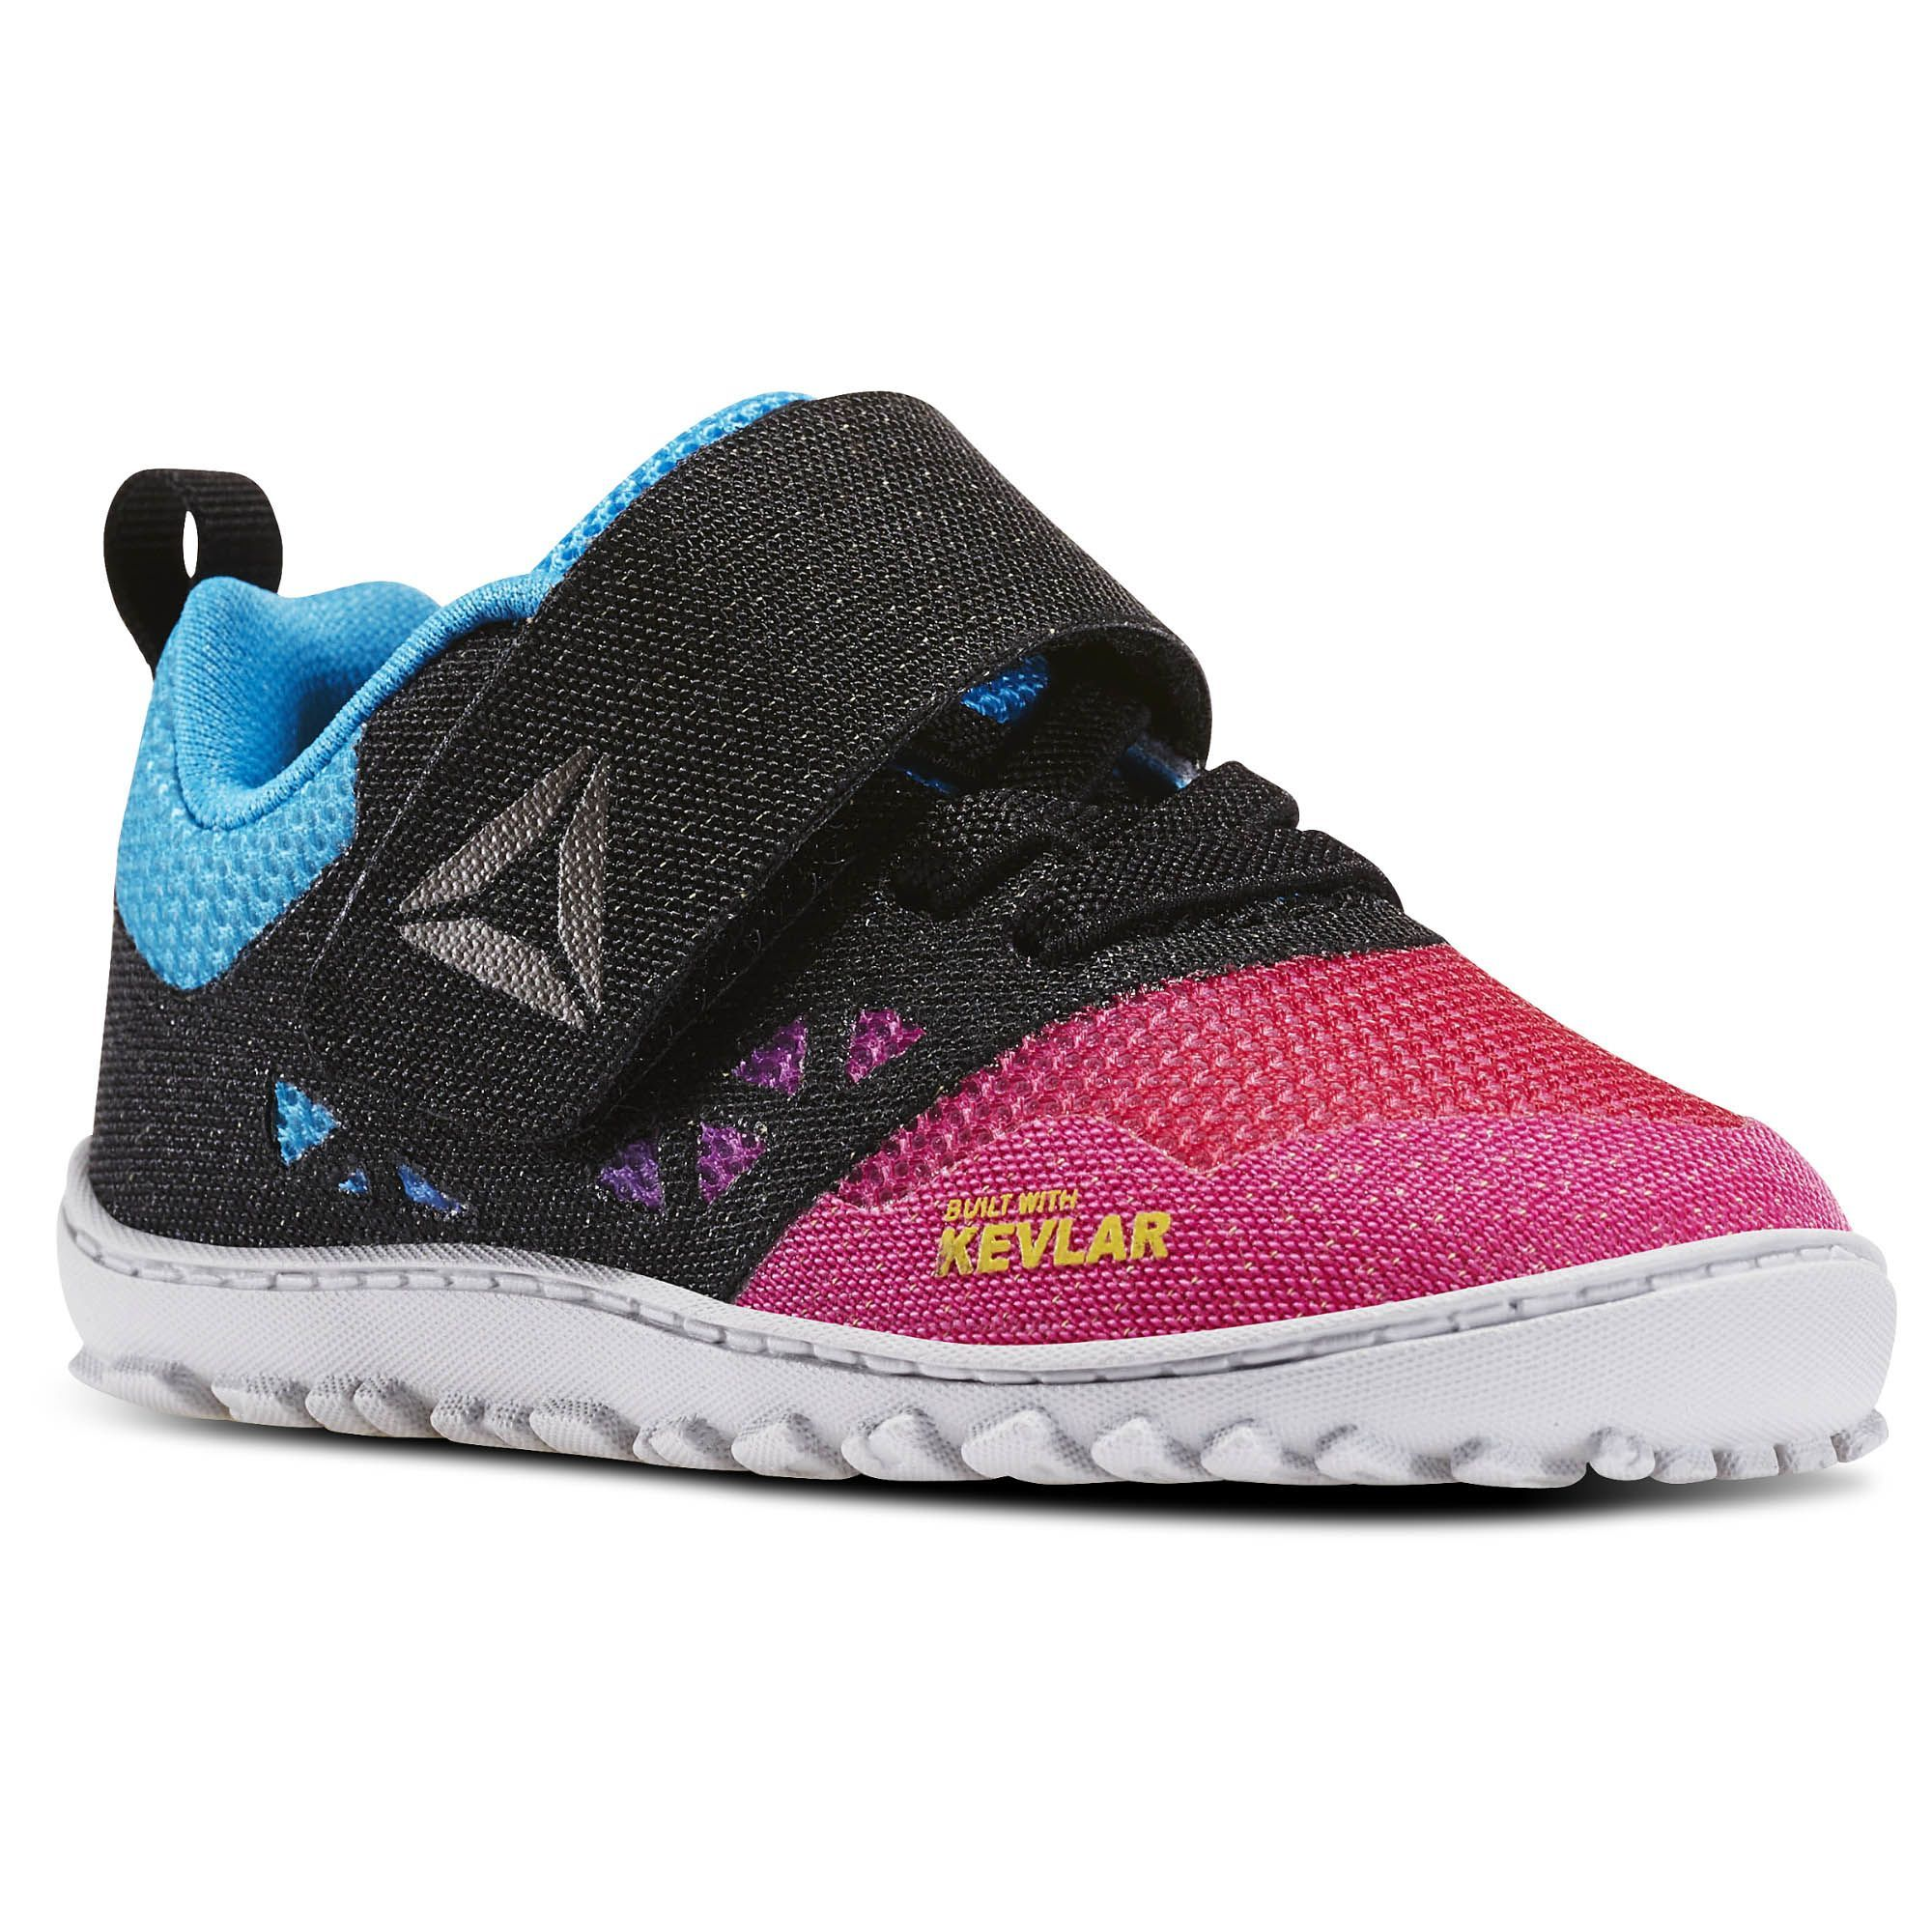 Reebok - Reebok CrossFit Nano 6.0 - Infant   Toddler  4a89fd290